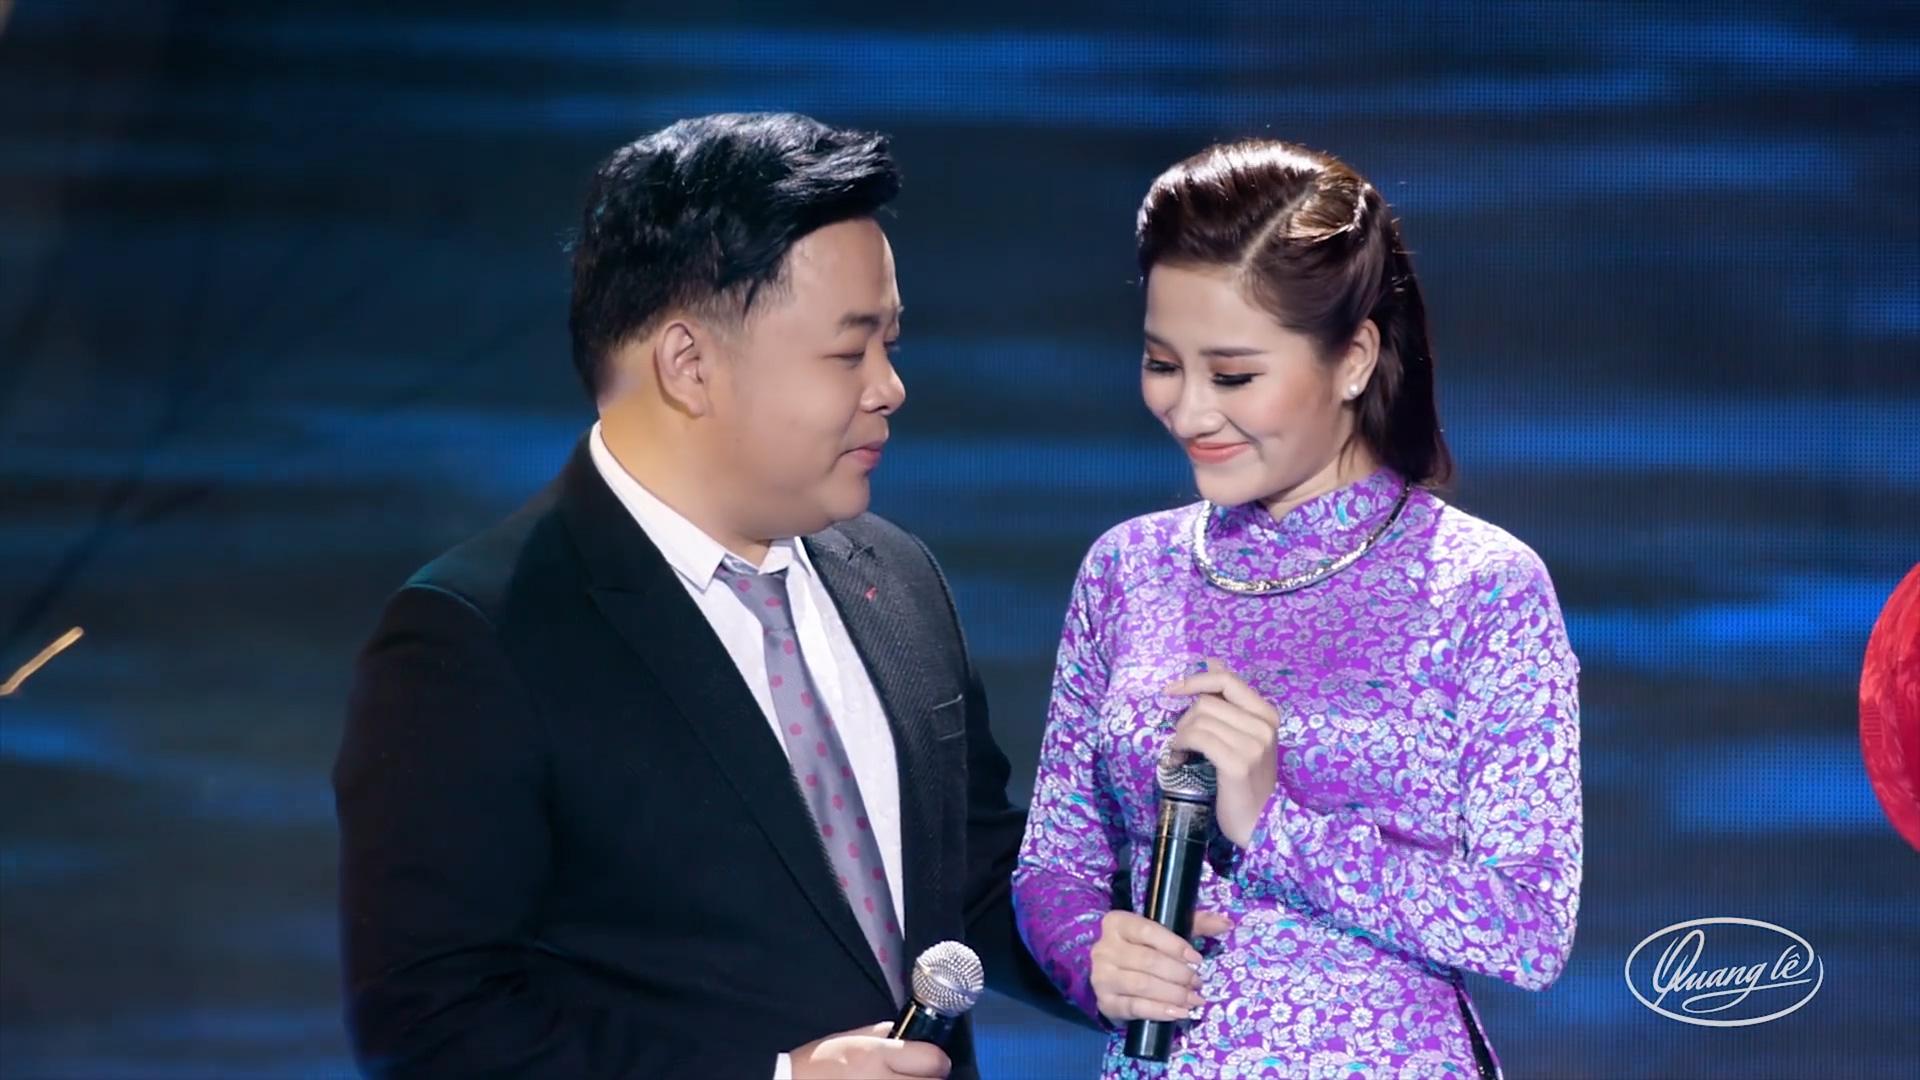 """Quang Lê: """"Ở Việt Nam, sau Lệ Quyên, Tố My là người song ca ăn ý nhất"""" - Ảnh 3."""